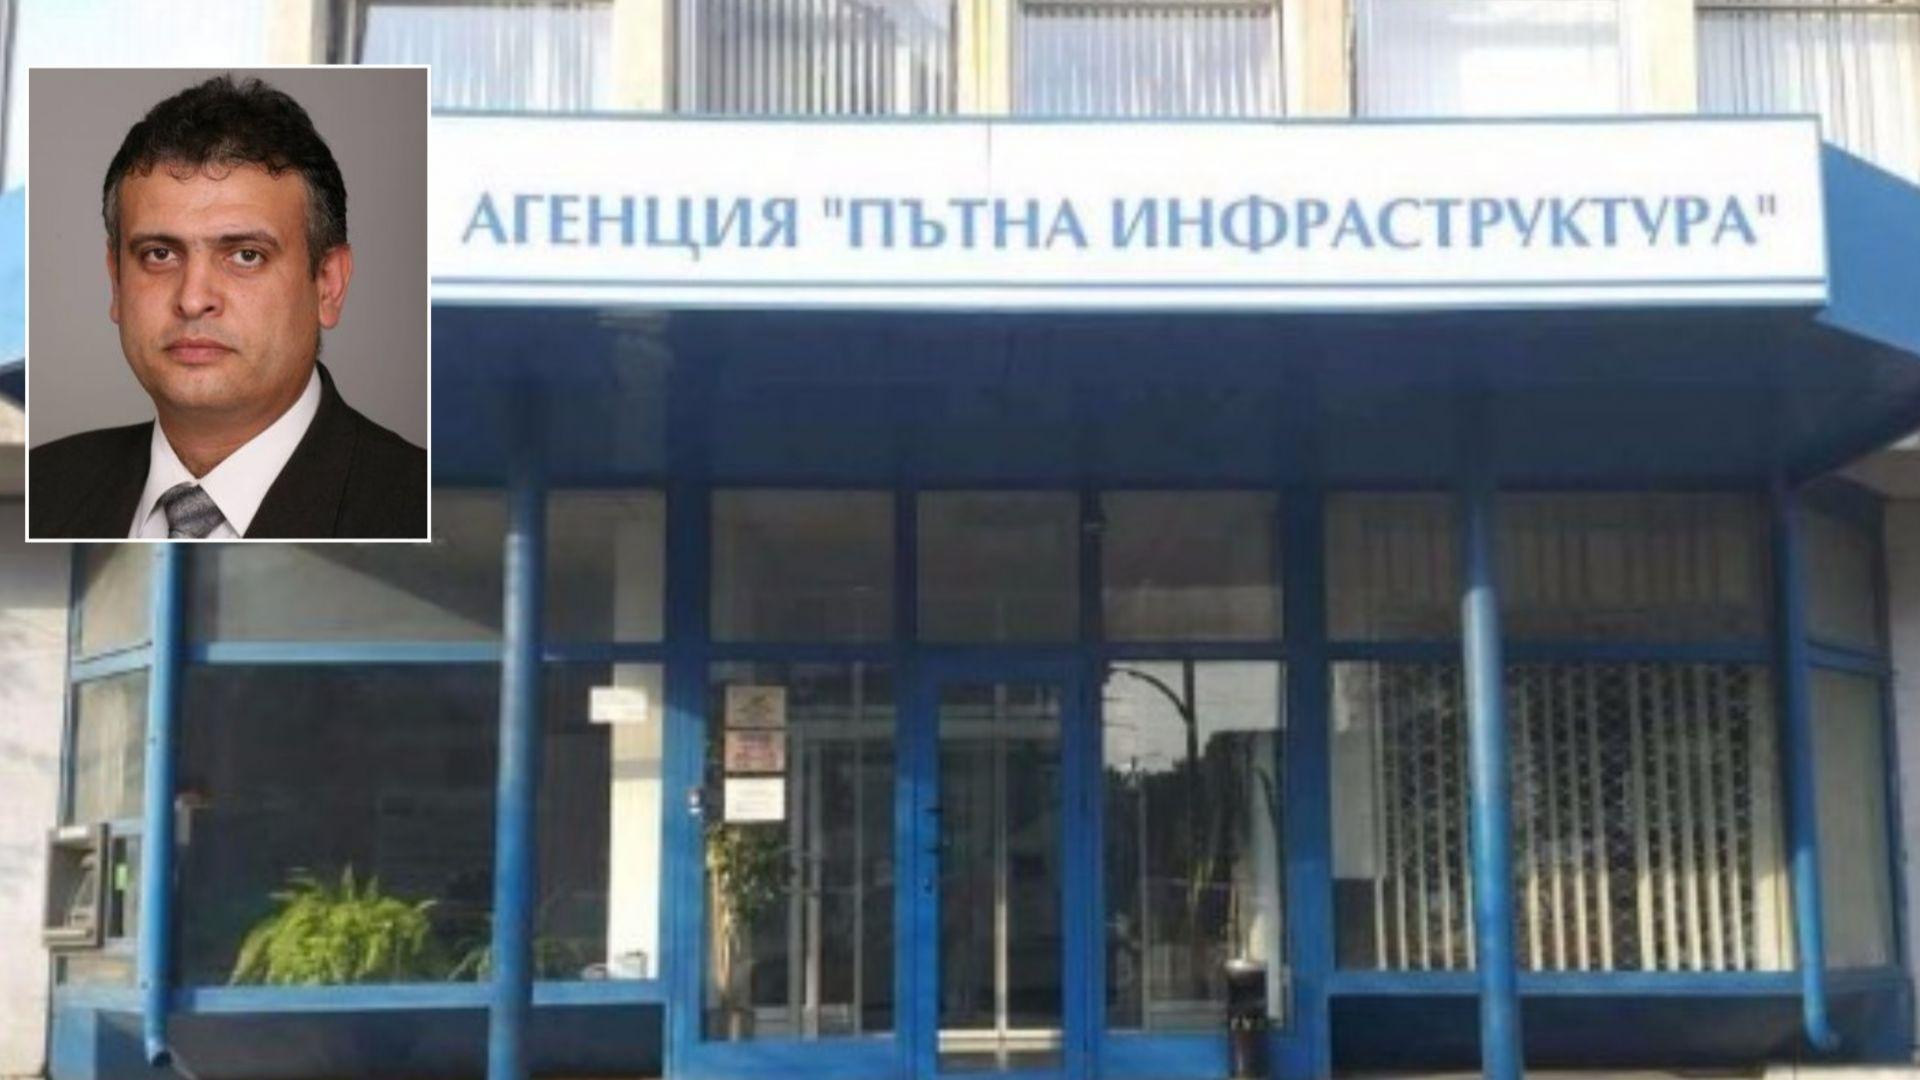 Аврамова: Новият шеф на АПИ има опит, ще се справи с предизвикателството